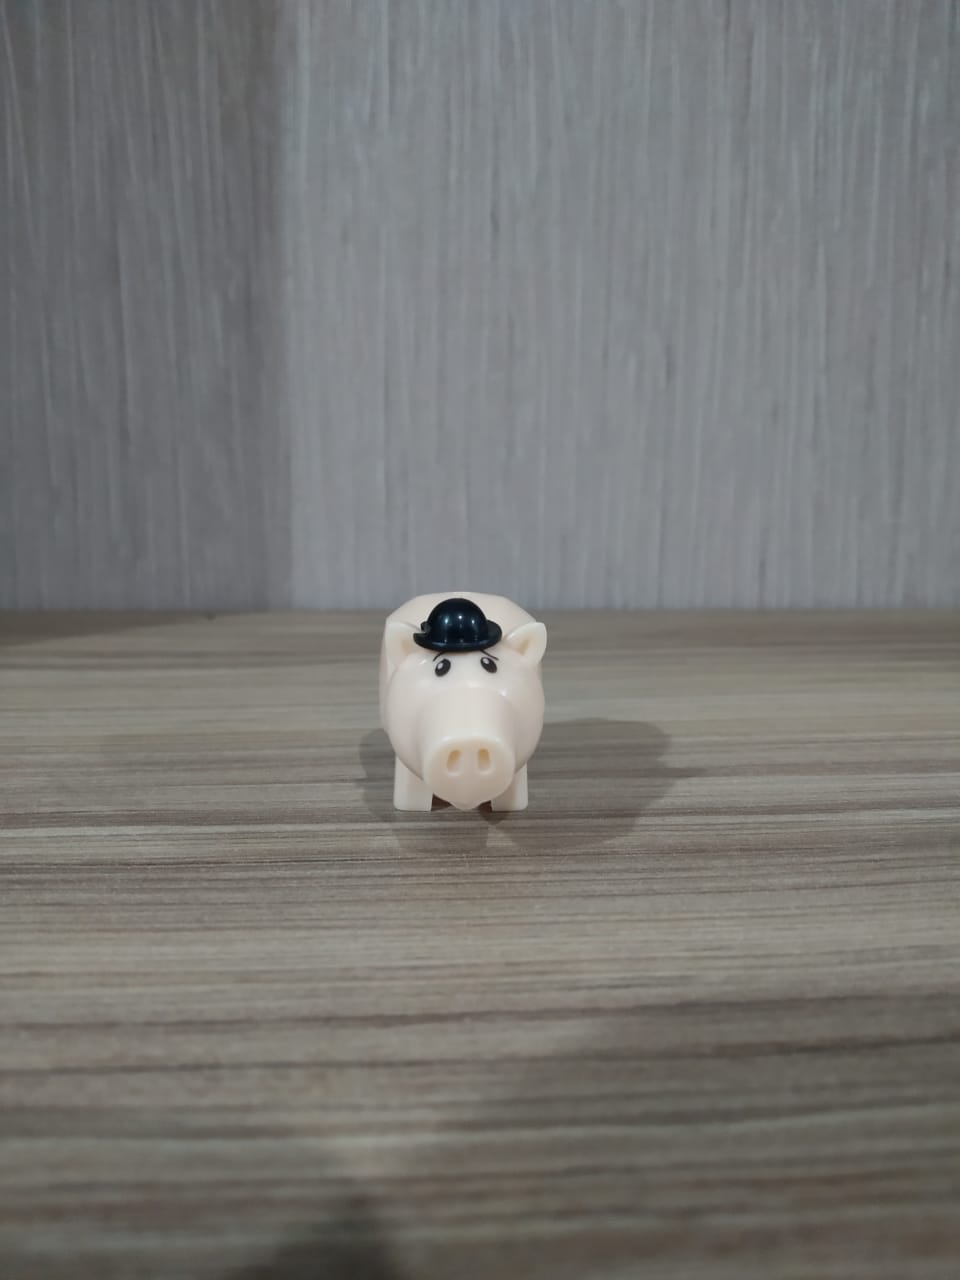 LEGO: Porquinho - Toy Story